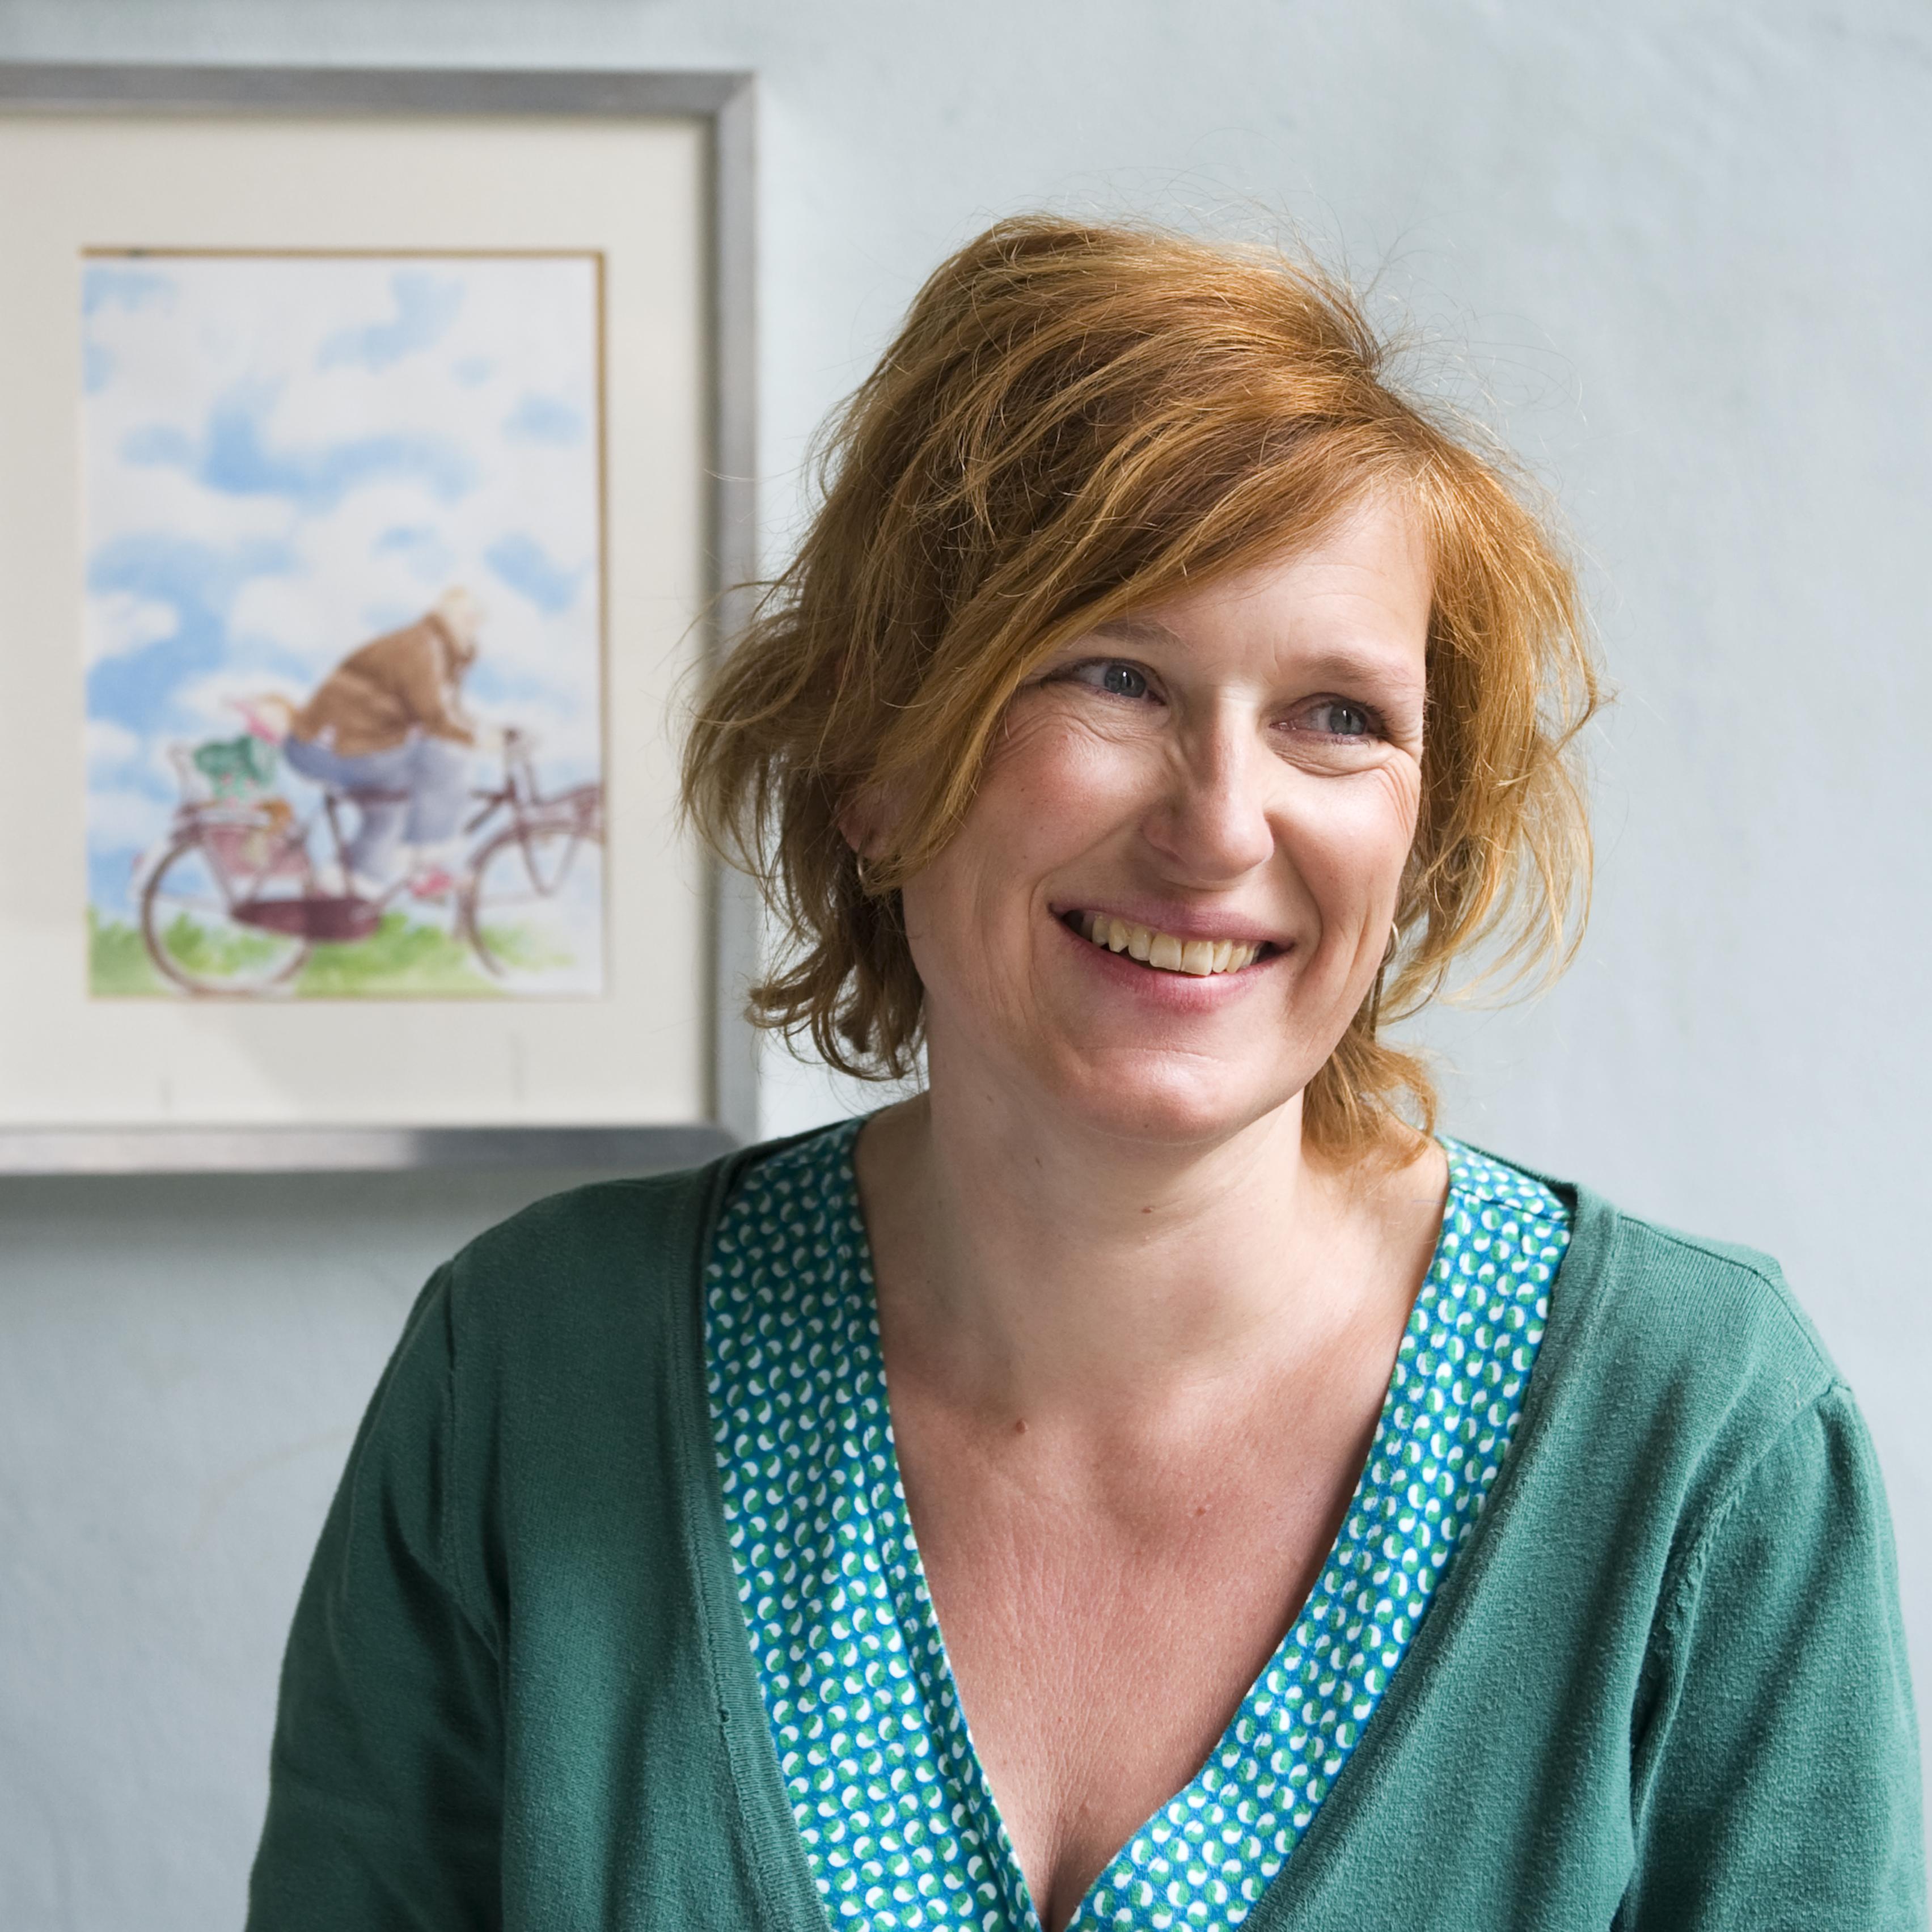 Annet Schaap